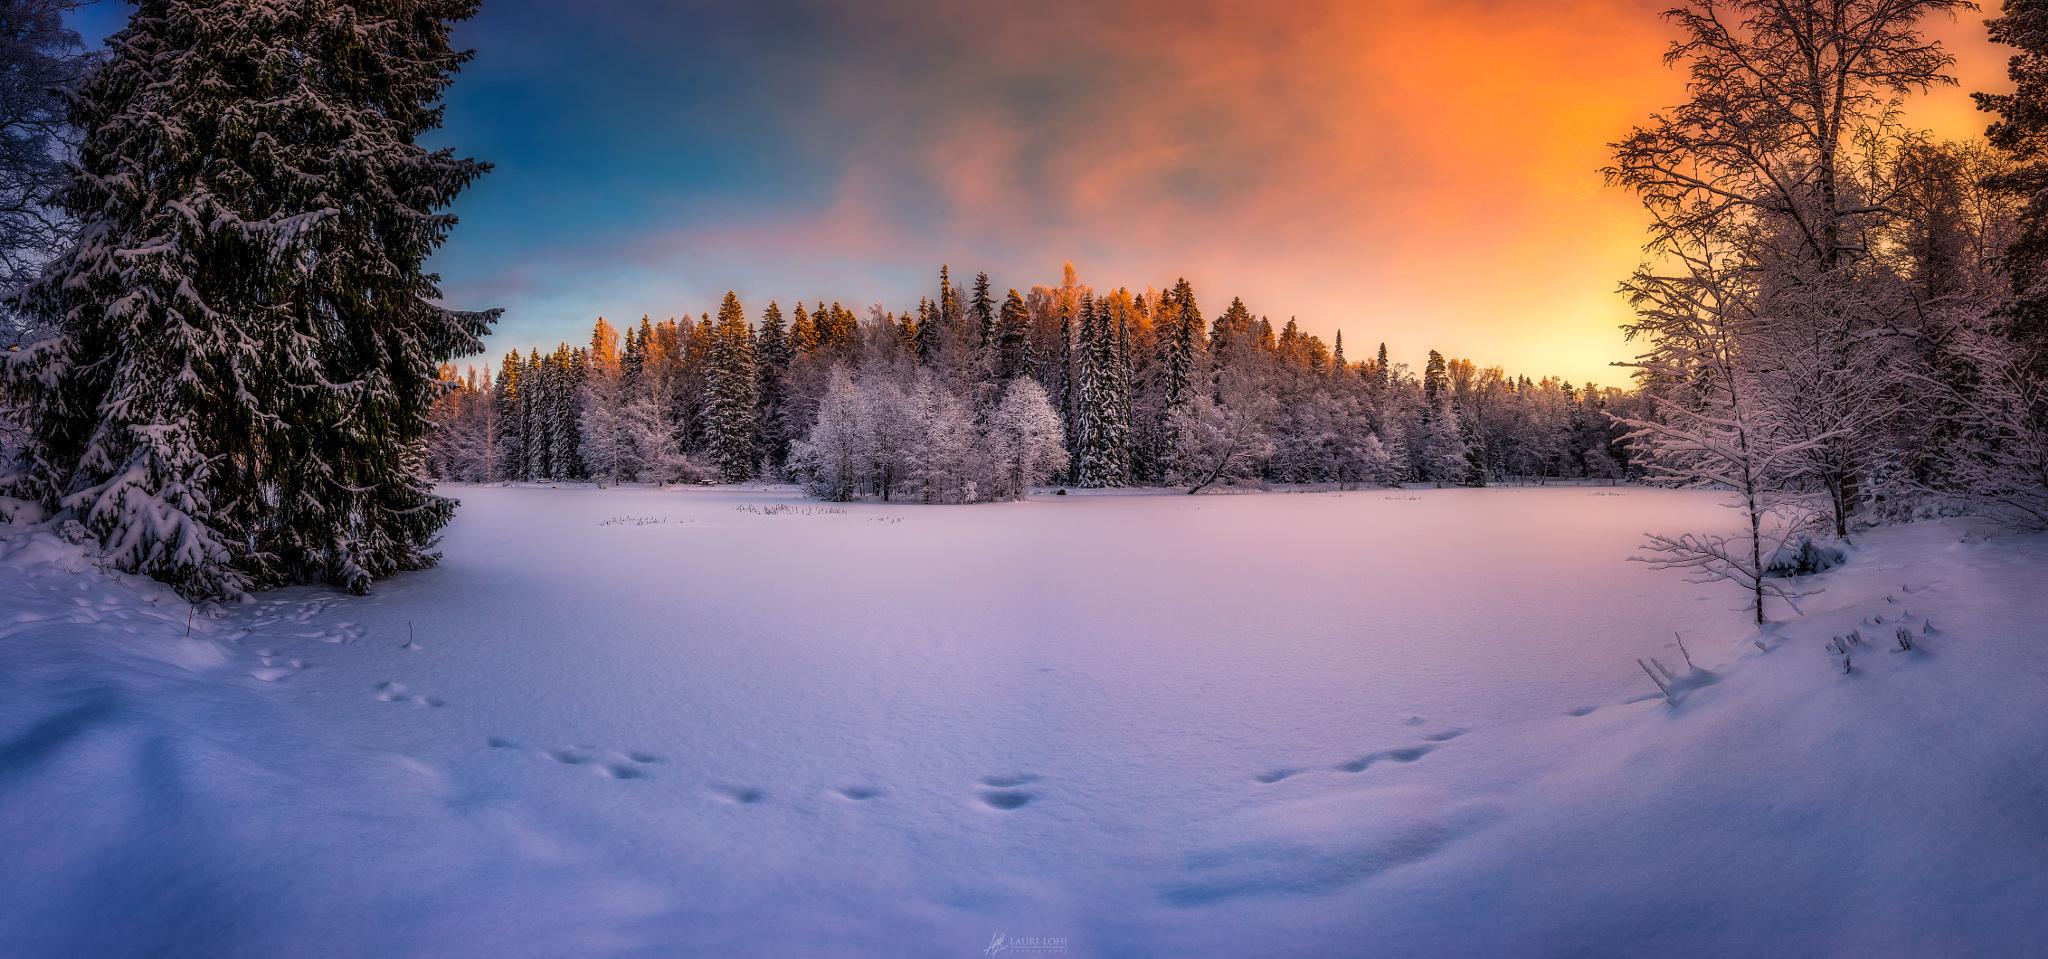 Красивый зимний утренний рассвет на Aulanko Nature reserve, HГ¤meenlinna, Finland / Ауланко заповедник, Хямеенлинна, Финляндия, ву Lauri Lohi